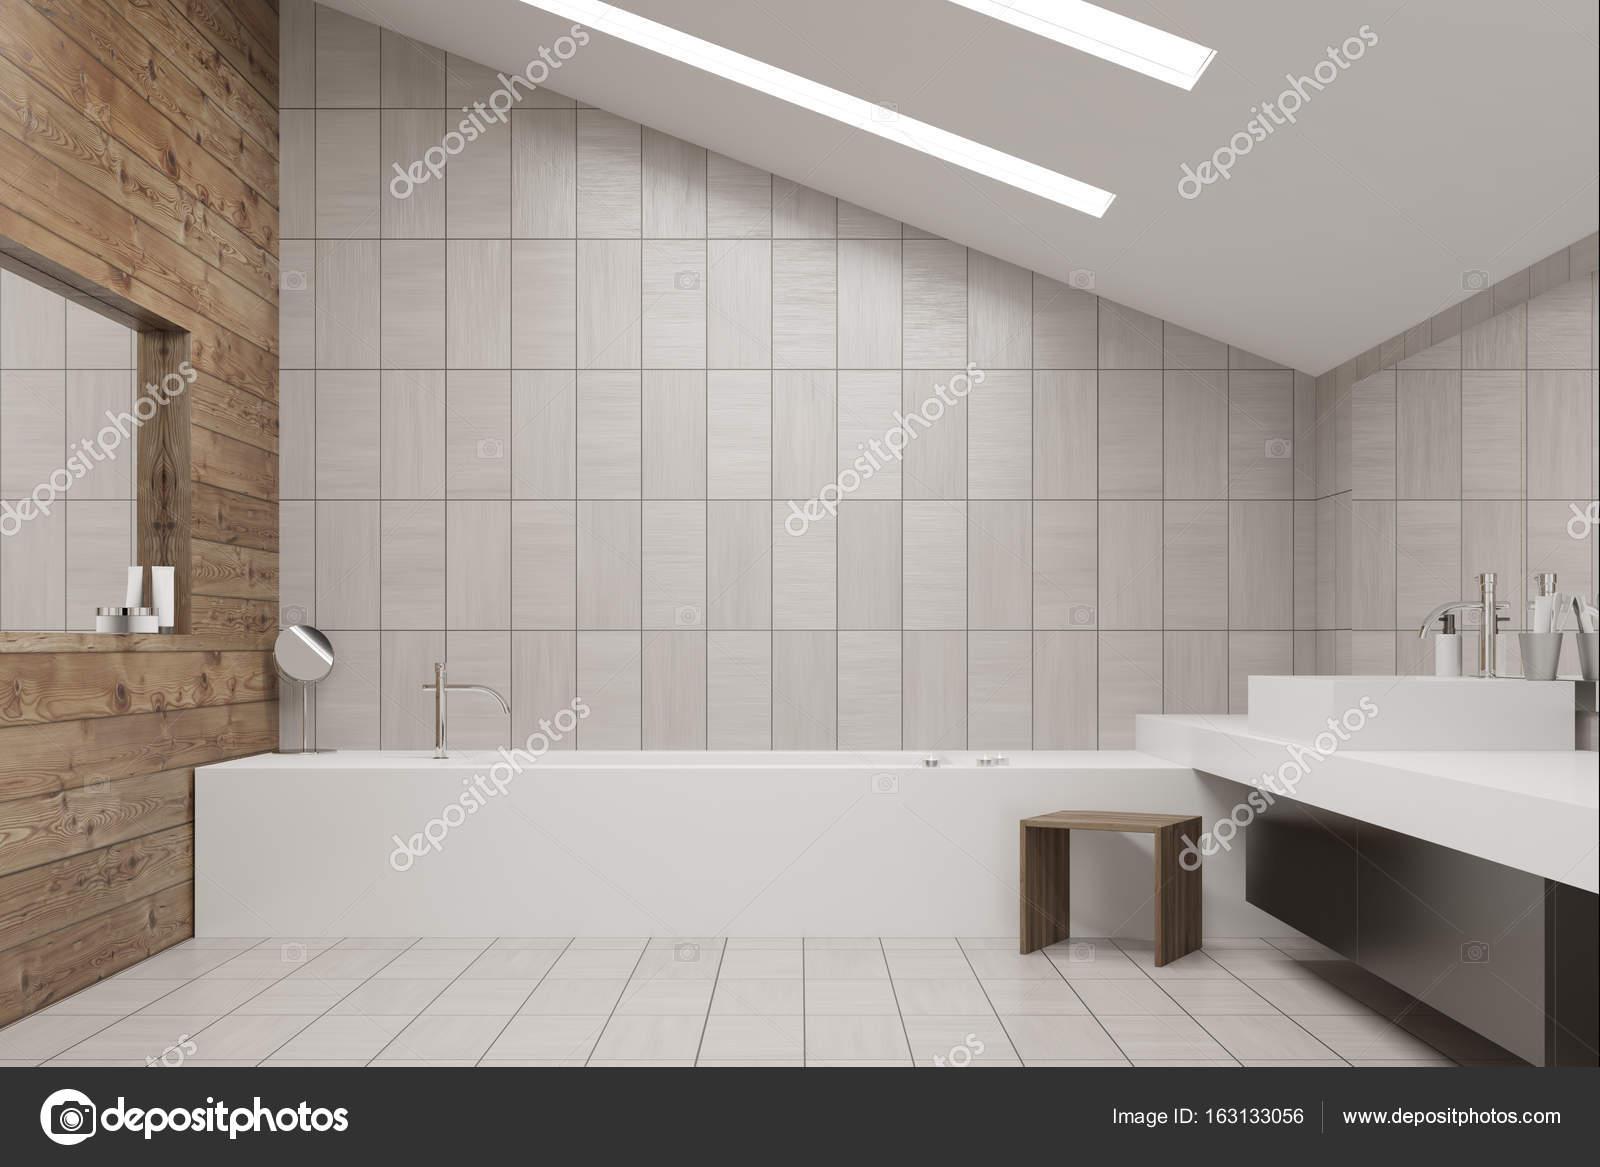 Lichtgrijze Tegels Badkamer : Lichtgrijze badkamer badkamer schilderen tips inspiratie